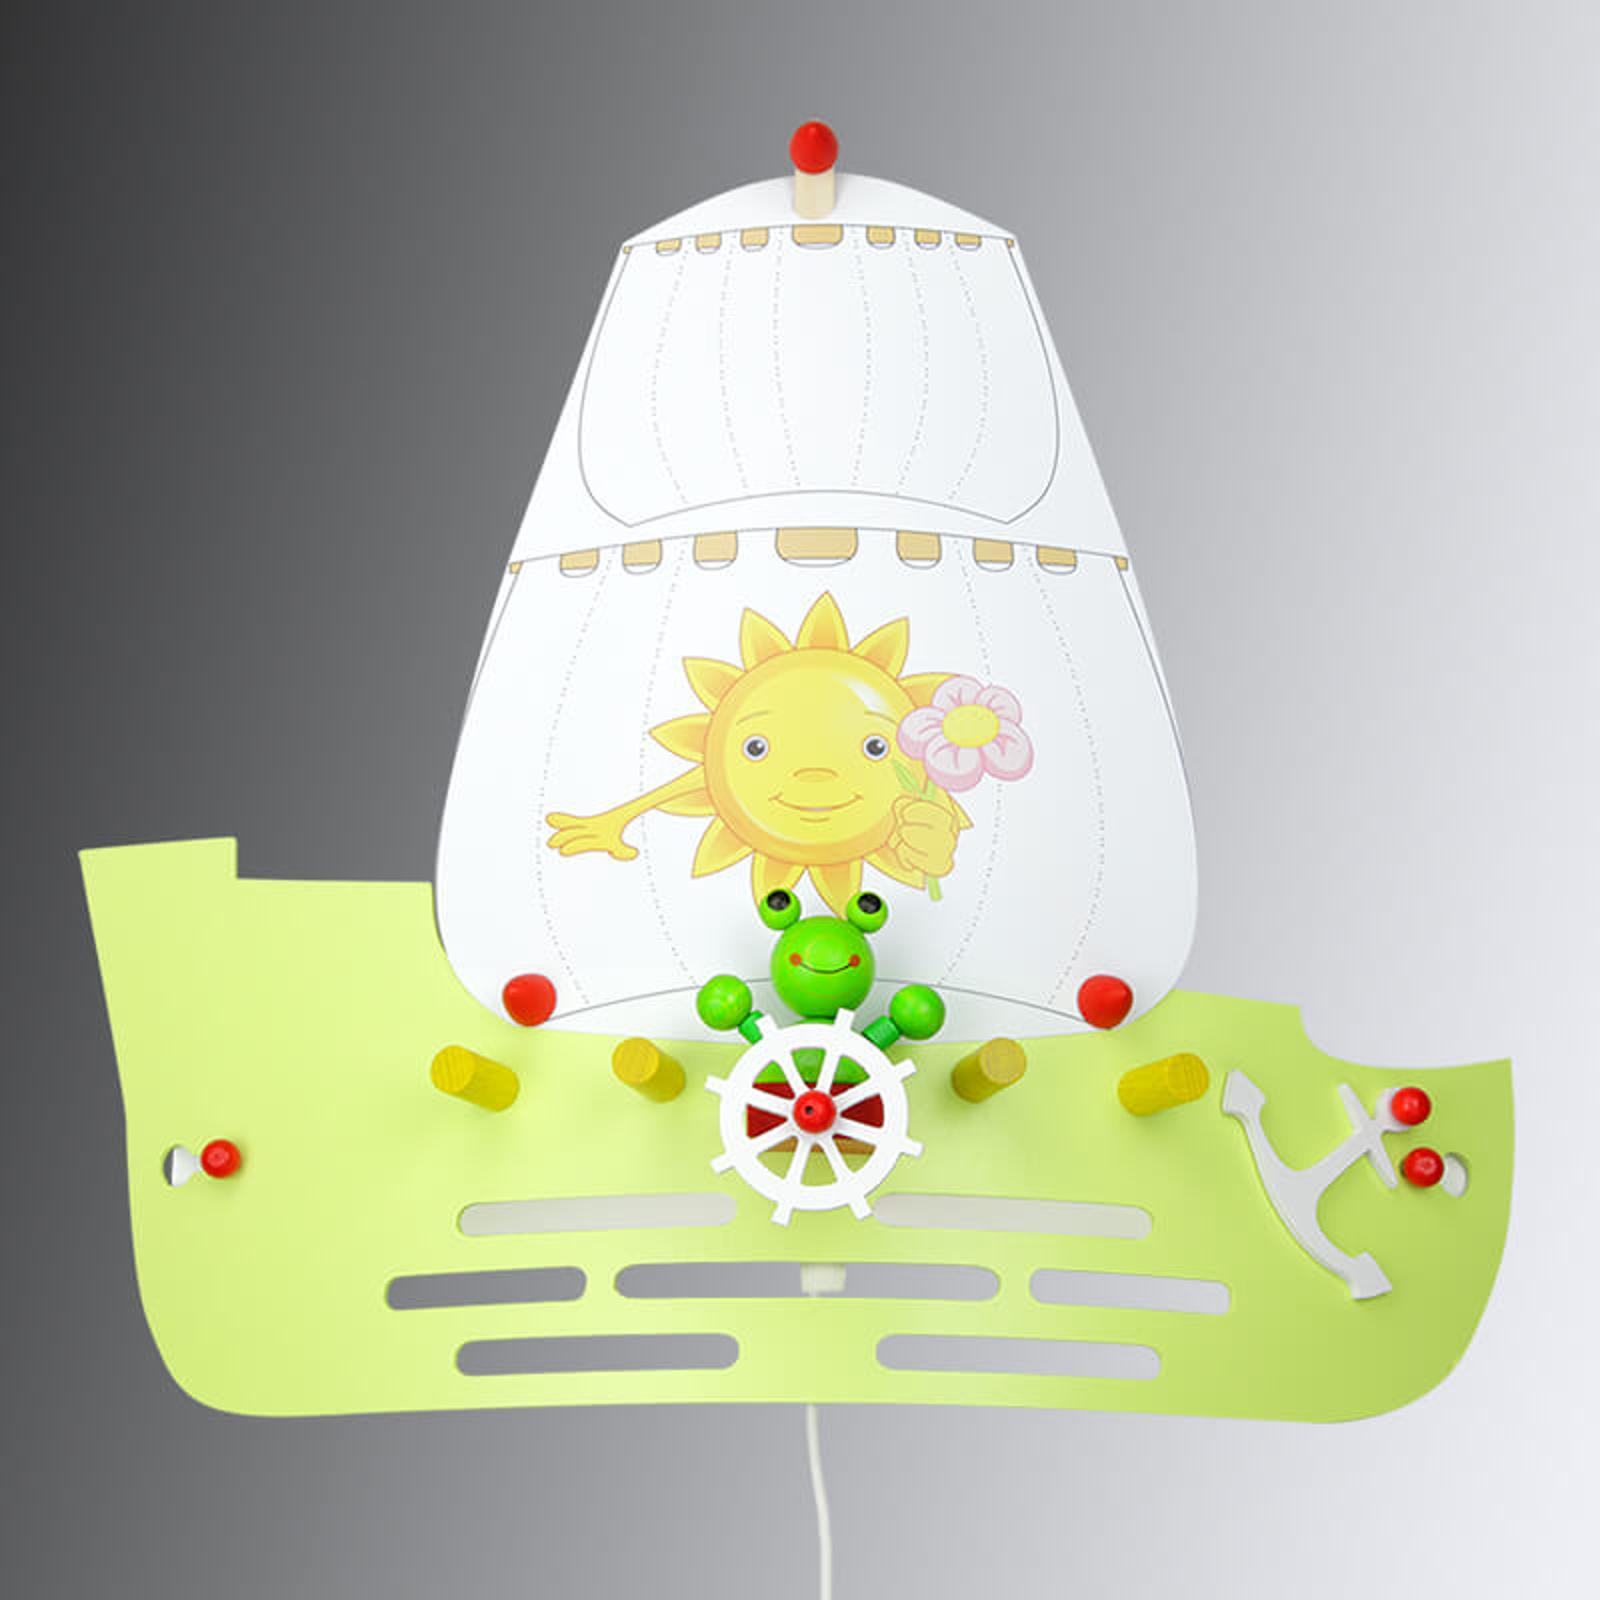 Vägglampa Groda i form av ett segelfartyg